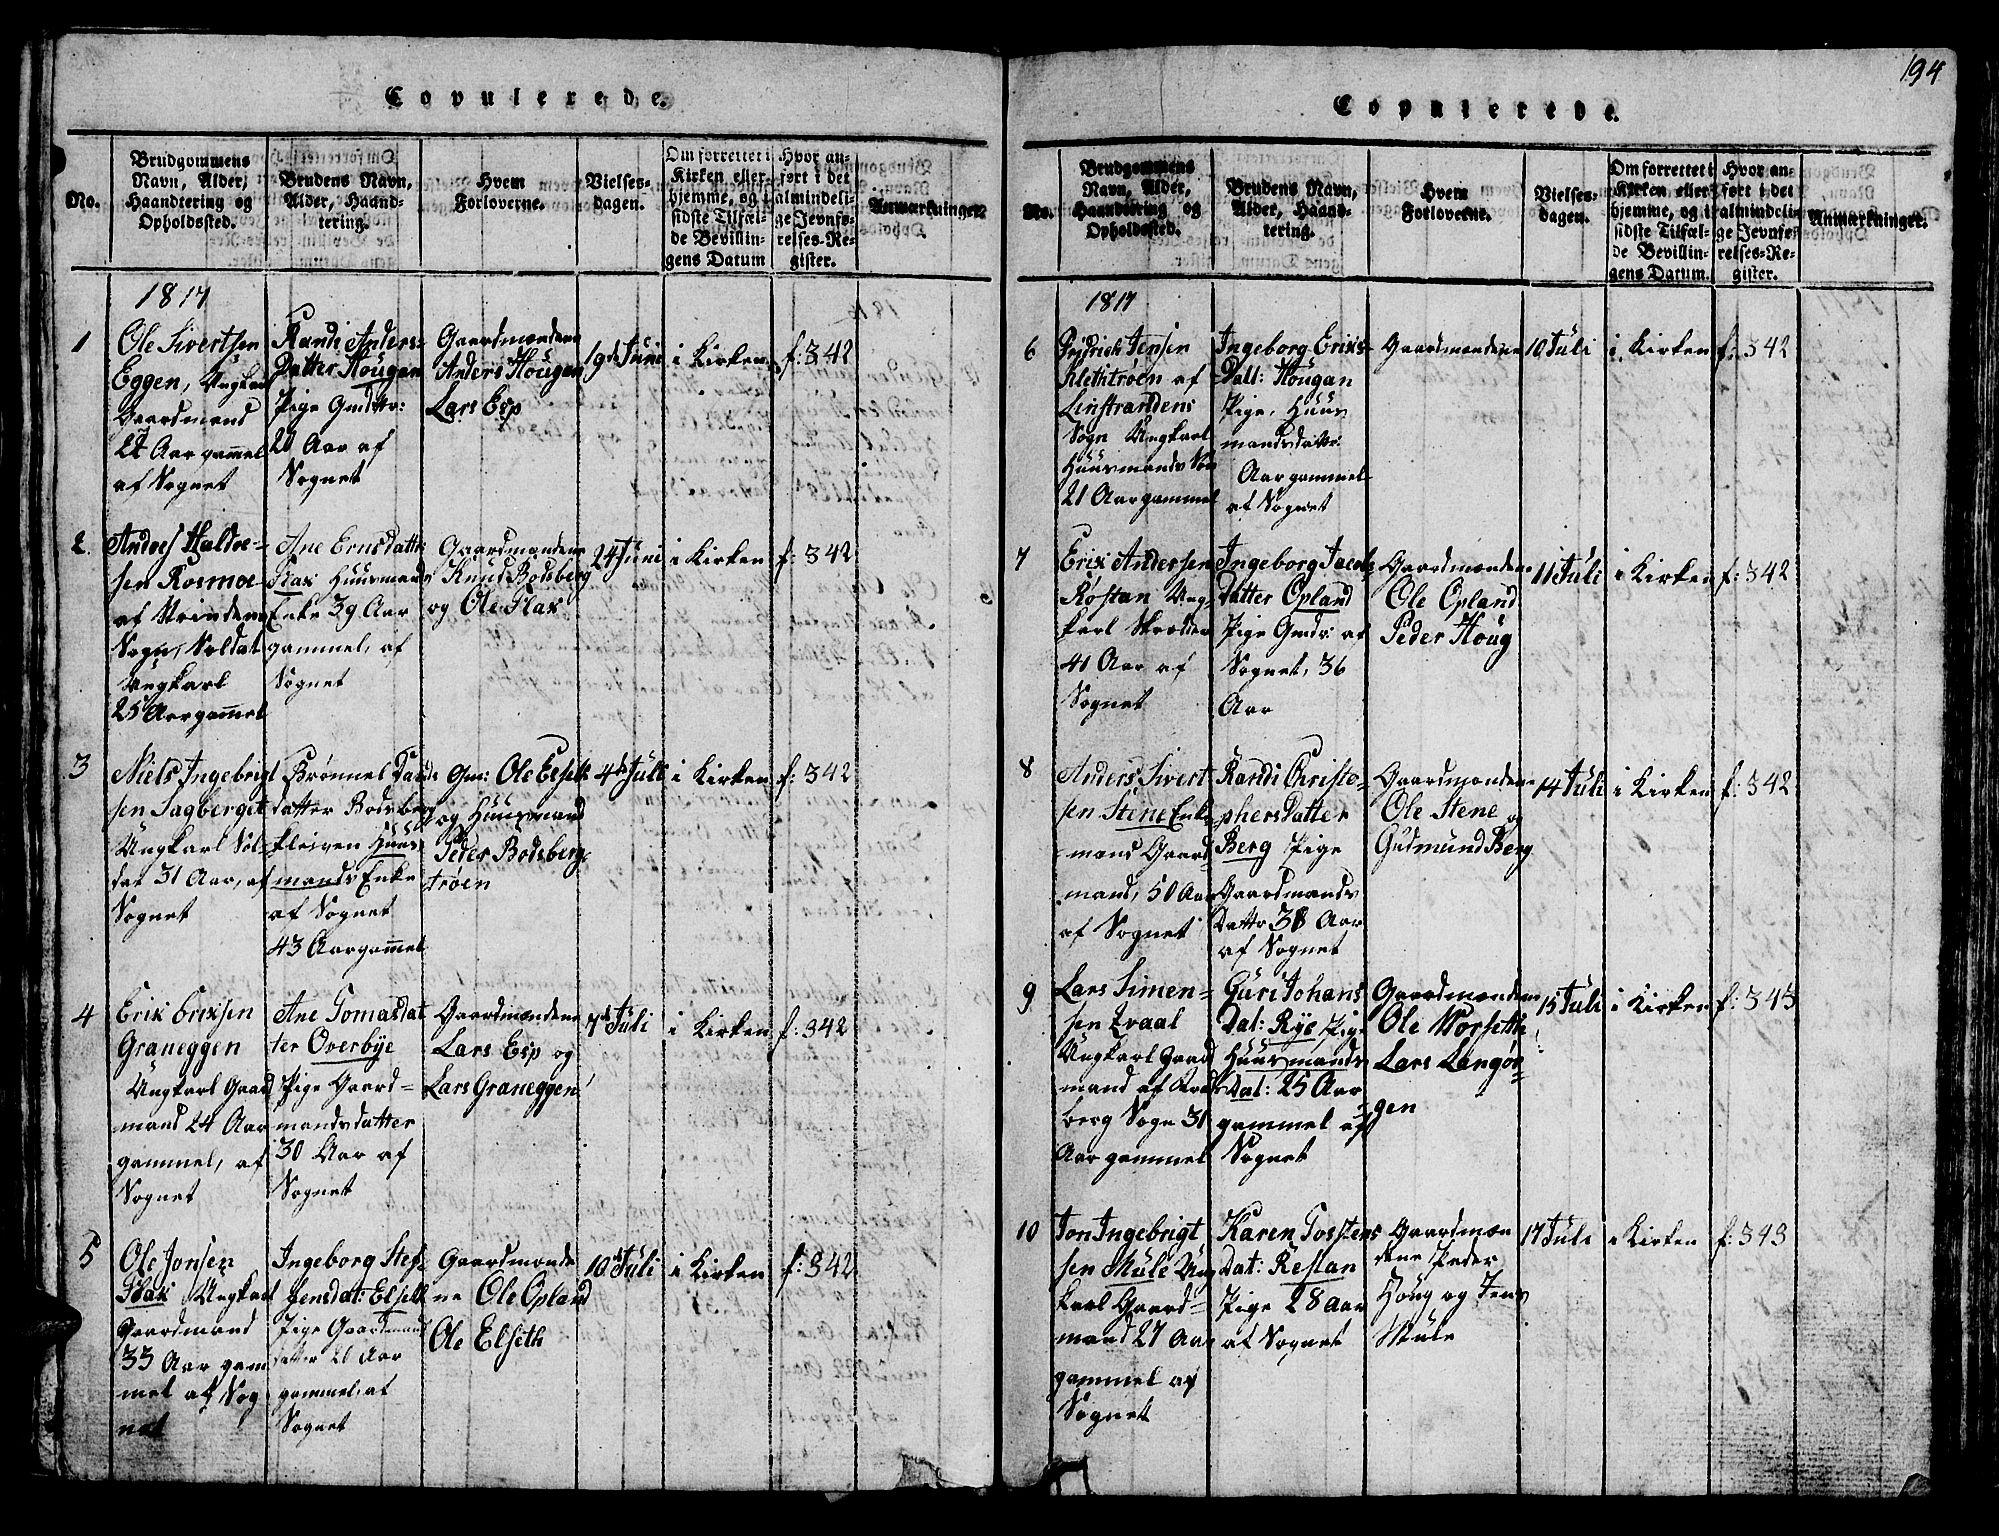 SAT, Ministerialprotokoller, klokkerbøker og fødselsregistre - Sør-Trøndelag, 612/L0385: Klokkerbok nr. 612C01, 1816-1845, s. 194